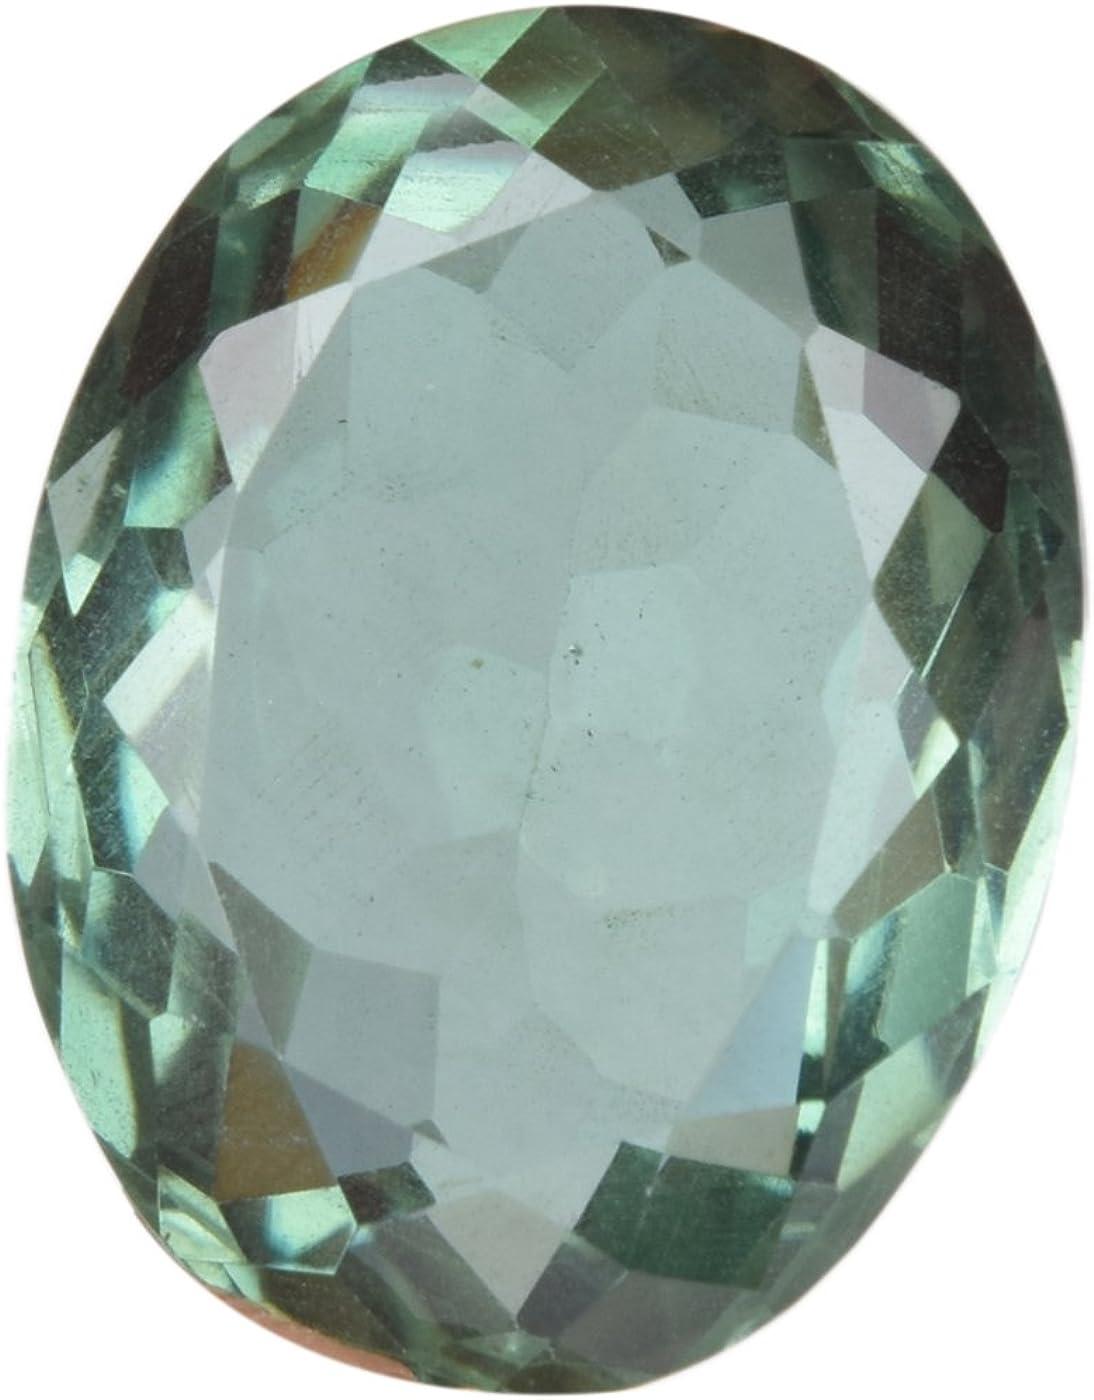 Gemhub 27.00 CT. Forma Ovalada Amatista Verde, facetas translúcidas Colgante tamaño Amatista Piedras Preciosas BL-867